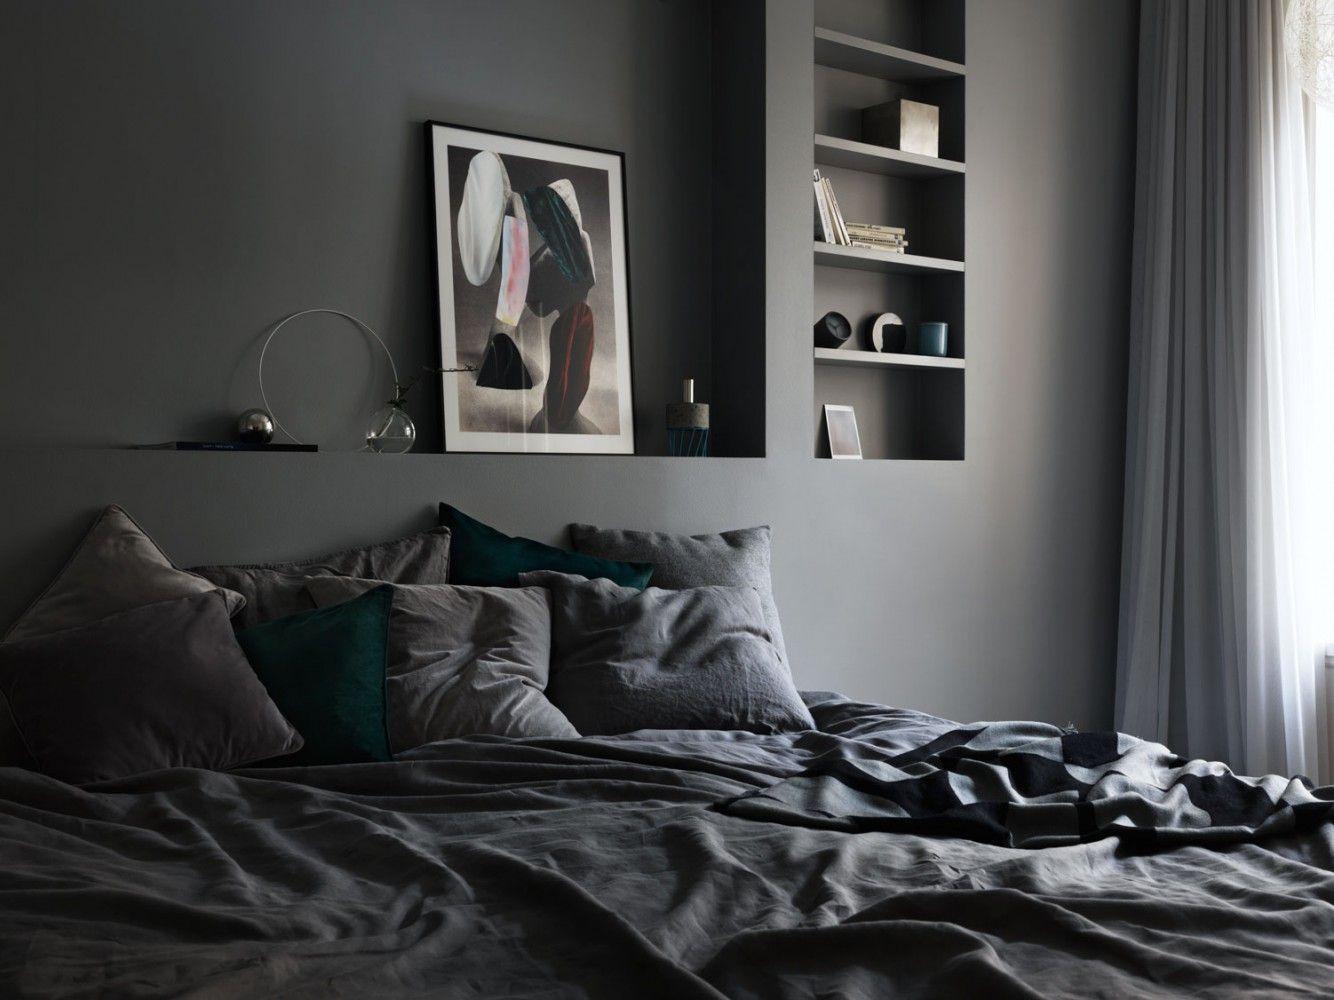 10x de mooiste donkere slaapkamers van pinterest | commercial, Deco ideeën